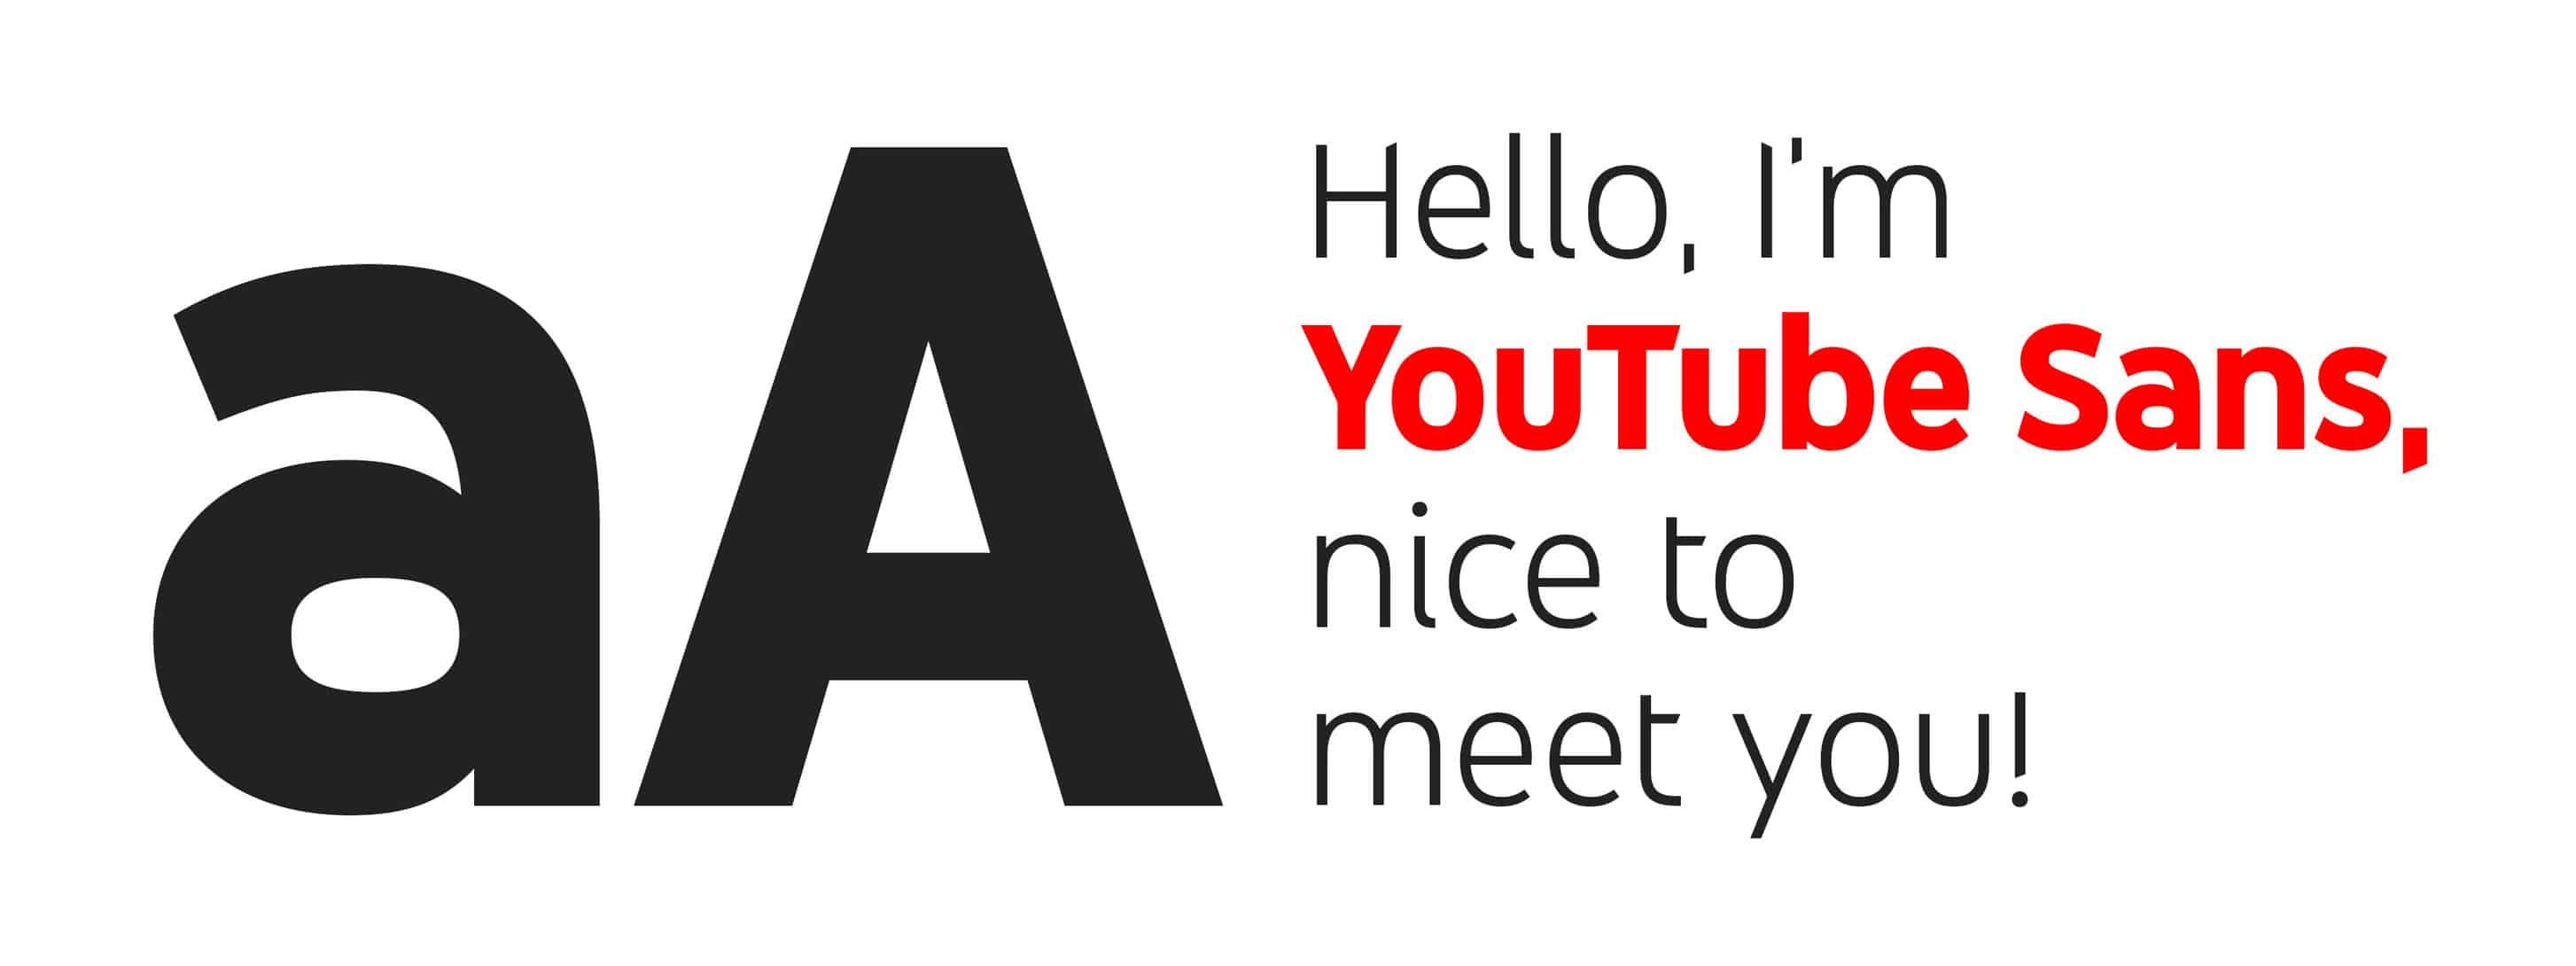 Typo Youtube Sans